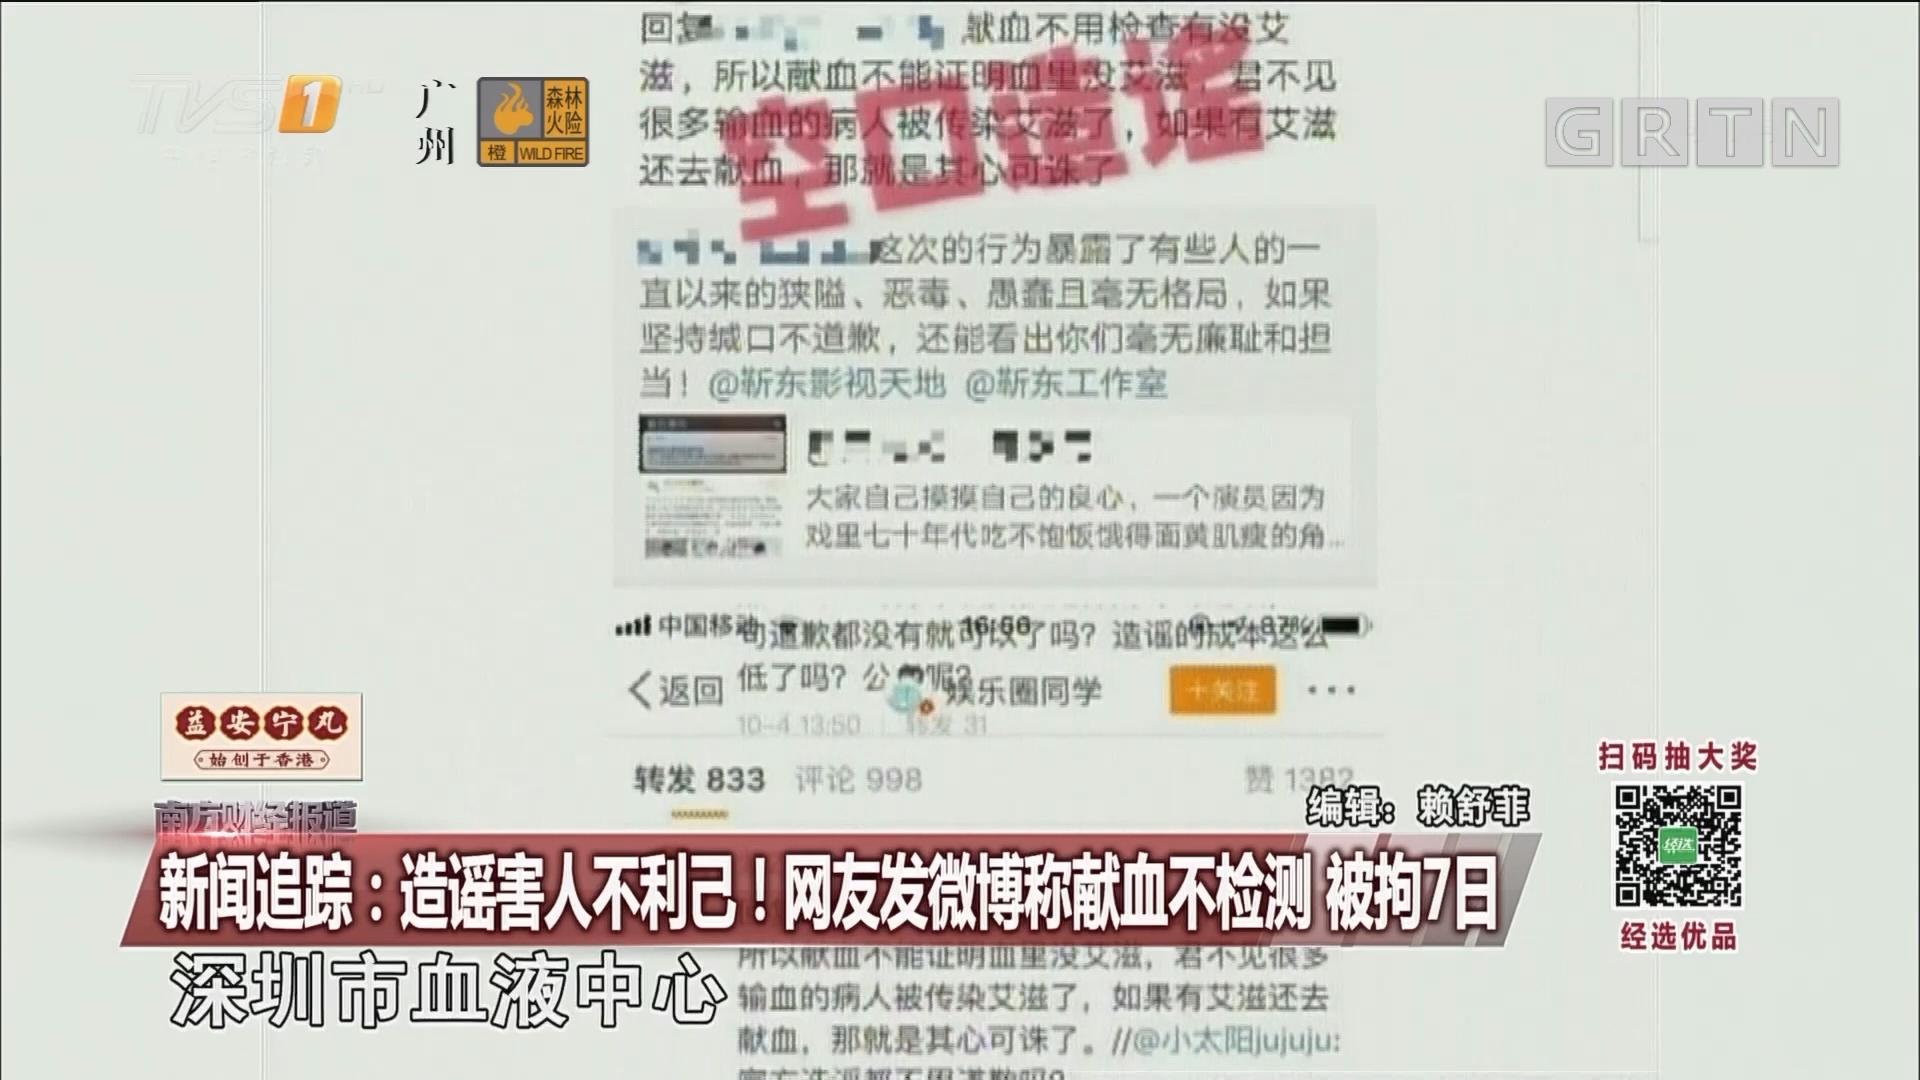 新闻追踪:造谣害人不利己!网友发微博称献血不检测 被拘7日